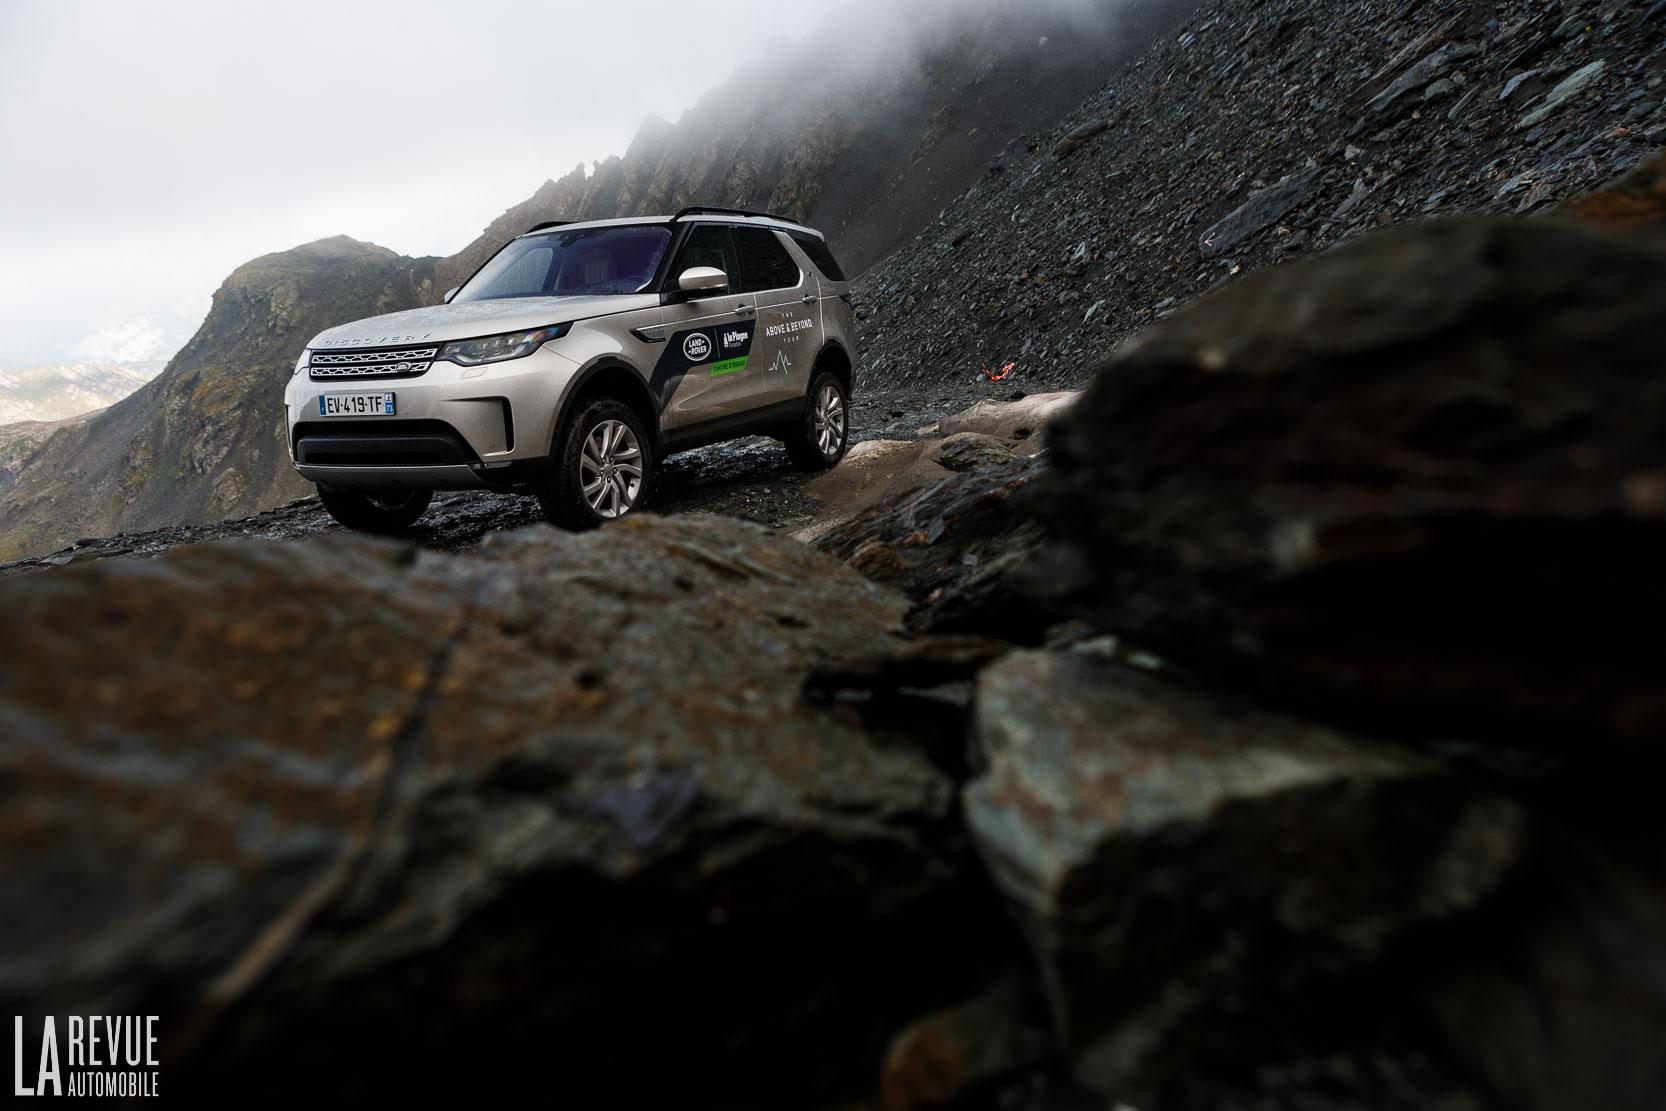 Le Lande Rover Discovery est capable de franchir des montagnes